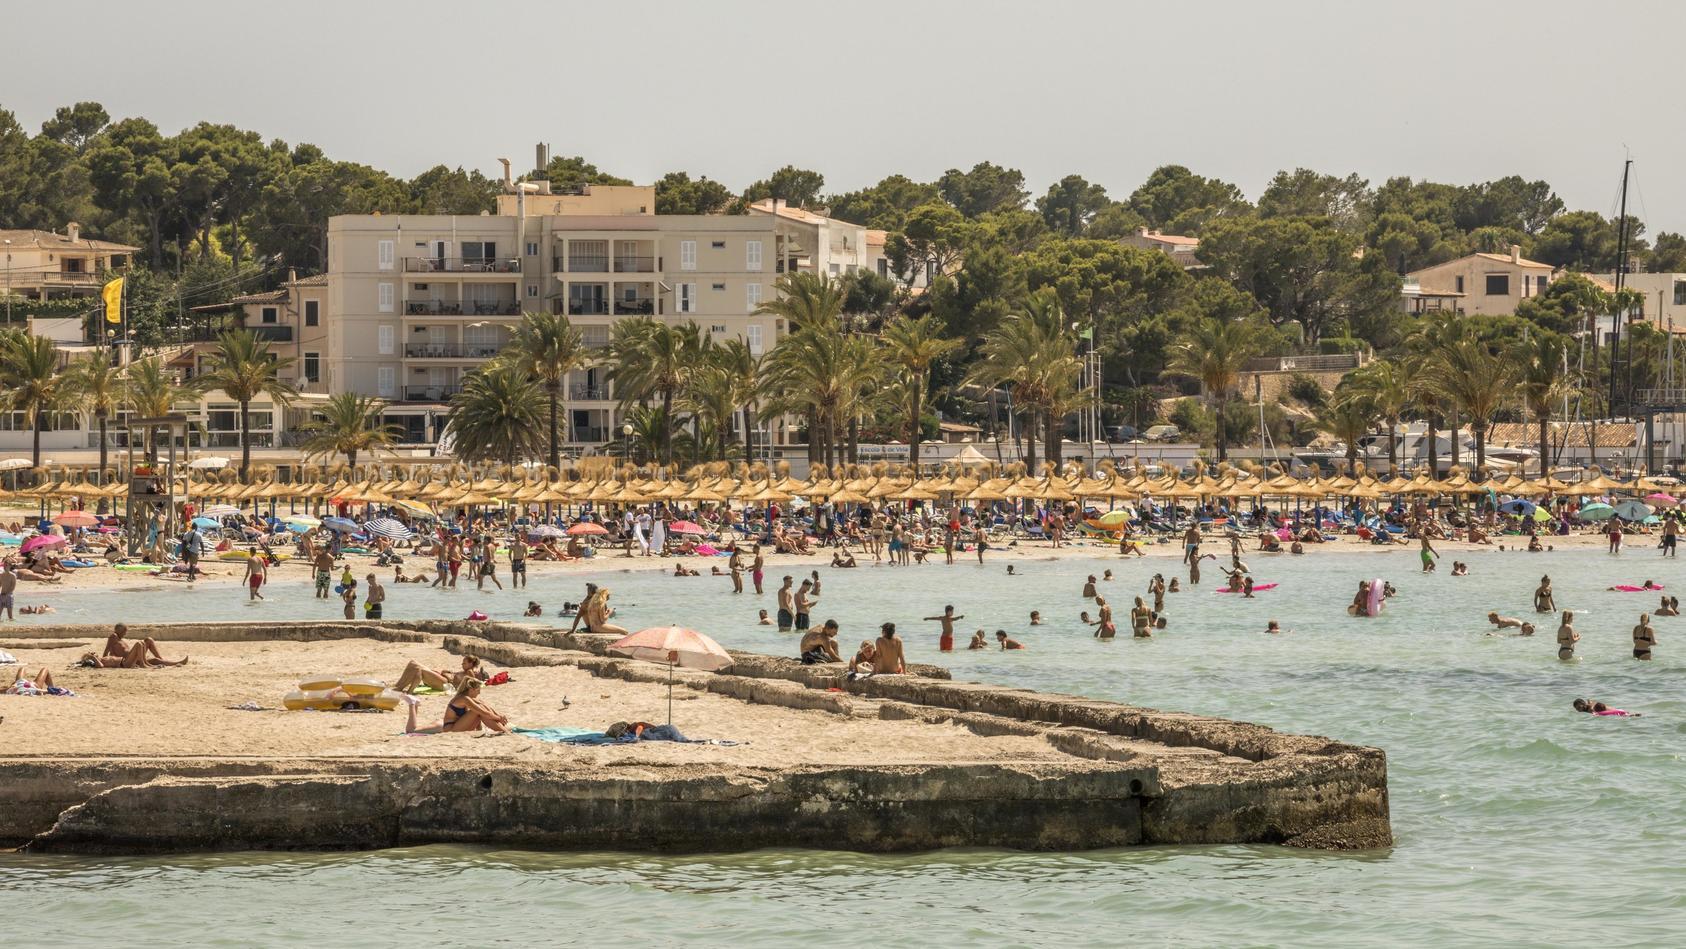 Volle Strände auf Mallorca - die meisten Infektionen bringen Urlauber aus Spanien mit nach Deutschland.